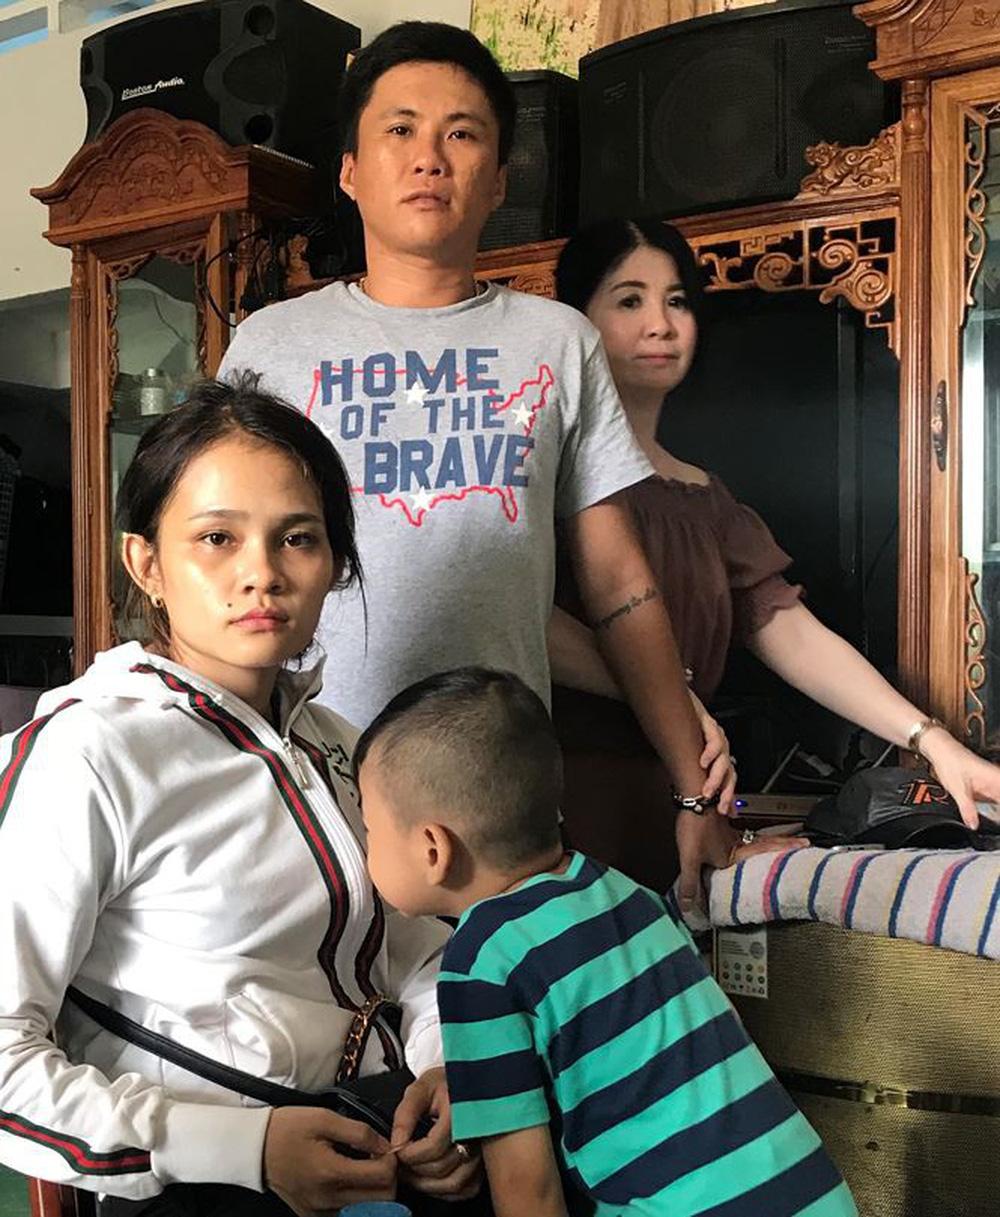 Vụ giành nuôi bé gái bị bỏ rơi ở Cà Mau: Yêu cầu giám định ADN lần 2 - Ảnh 1.